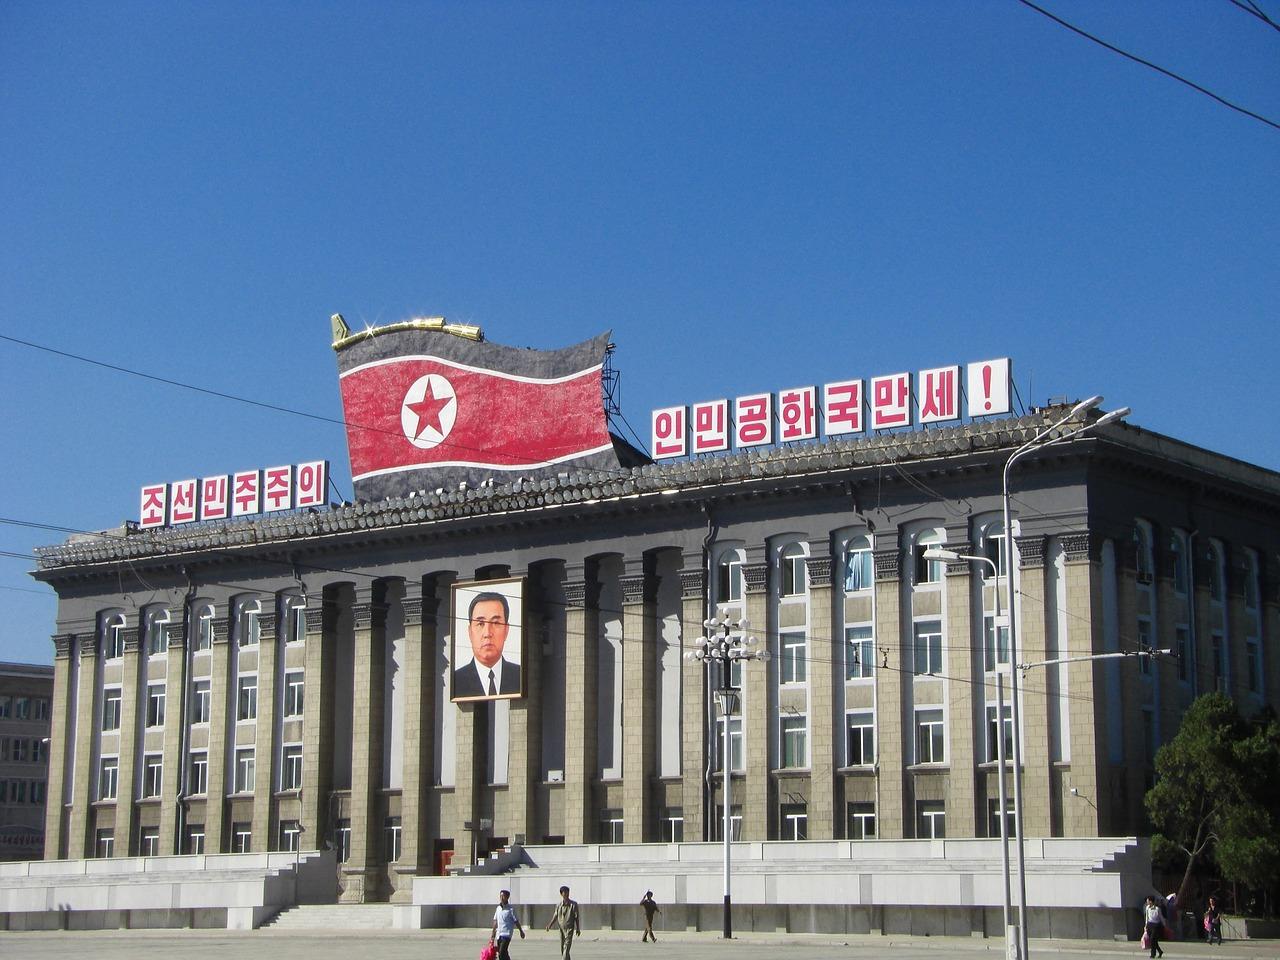 Corea del Norte está utilizando criptomonedas para fortalecer el desarrollo de sus armas nucleares y misiles balísticos